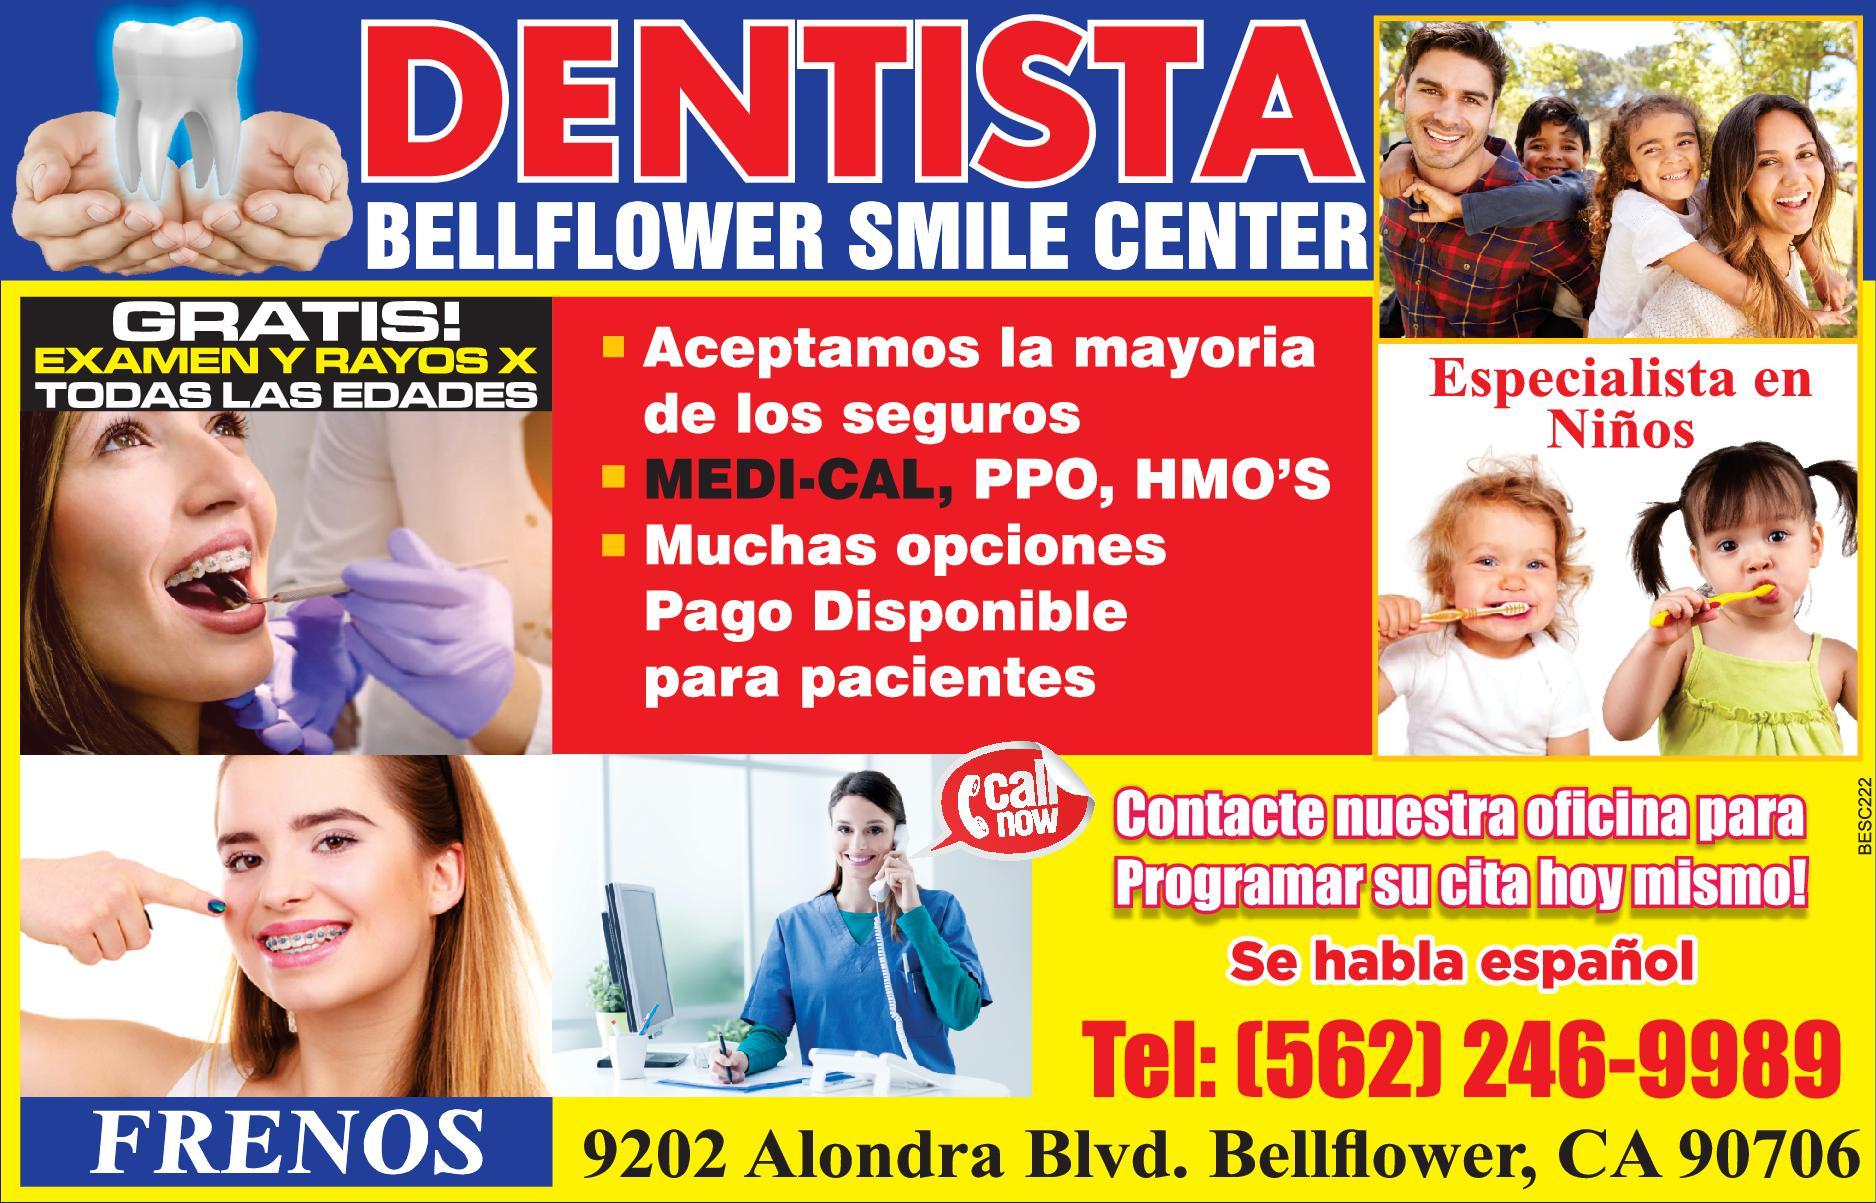 Bellflower Smile Center